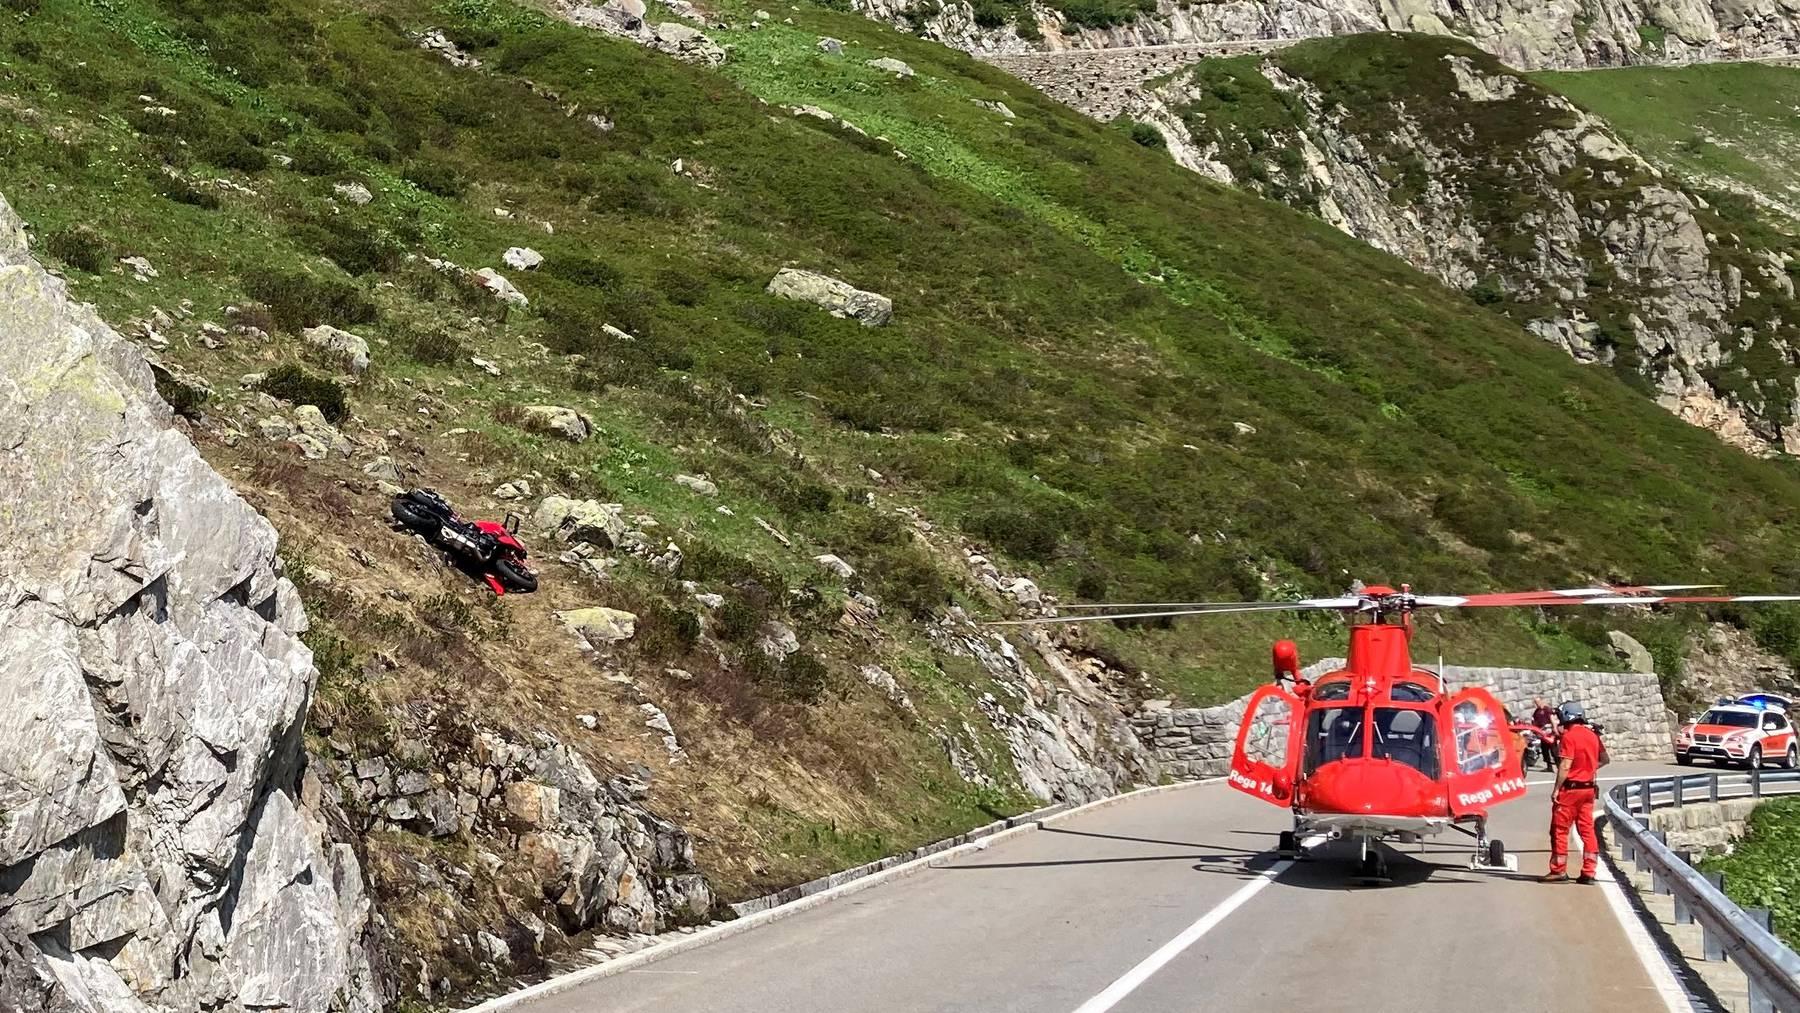 Das Motorrad (links im Bild) stürzte rund 50 Meter ins Gelände. Ein Rega-Helikopter wurde aufgeboten.